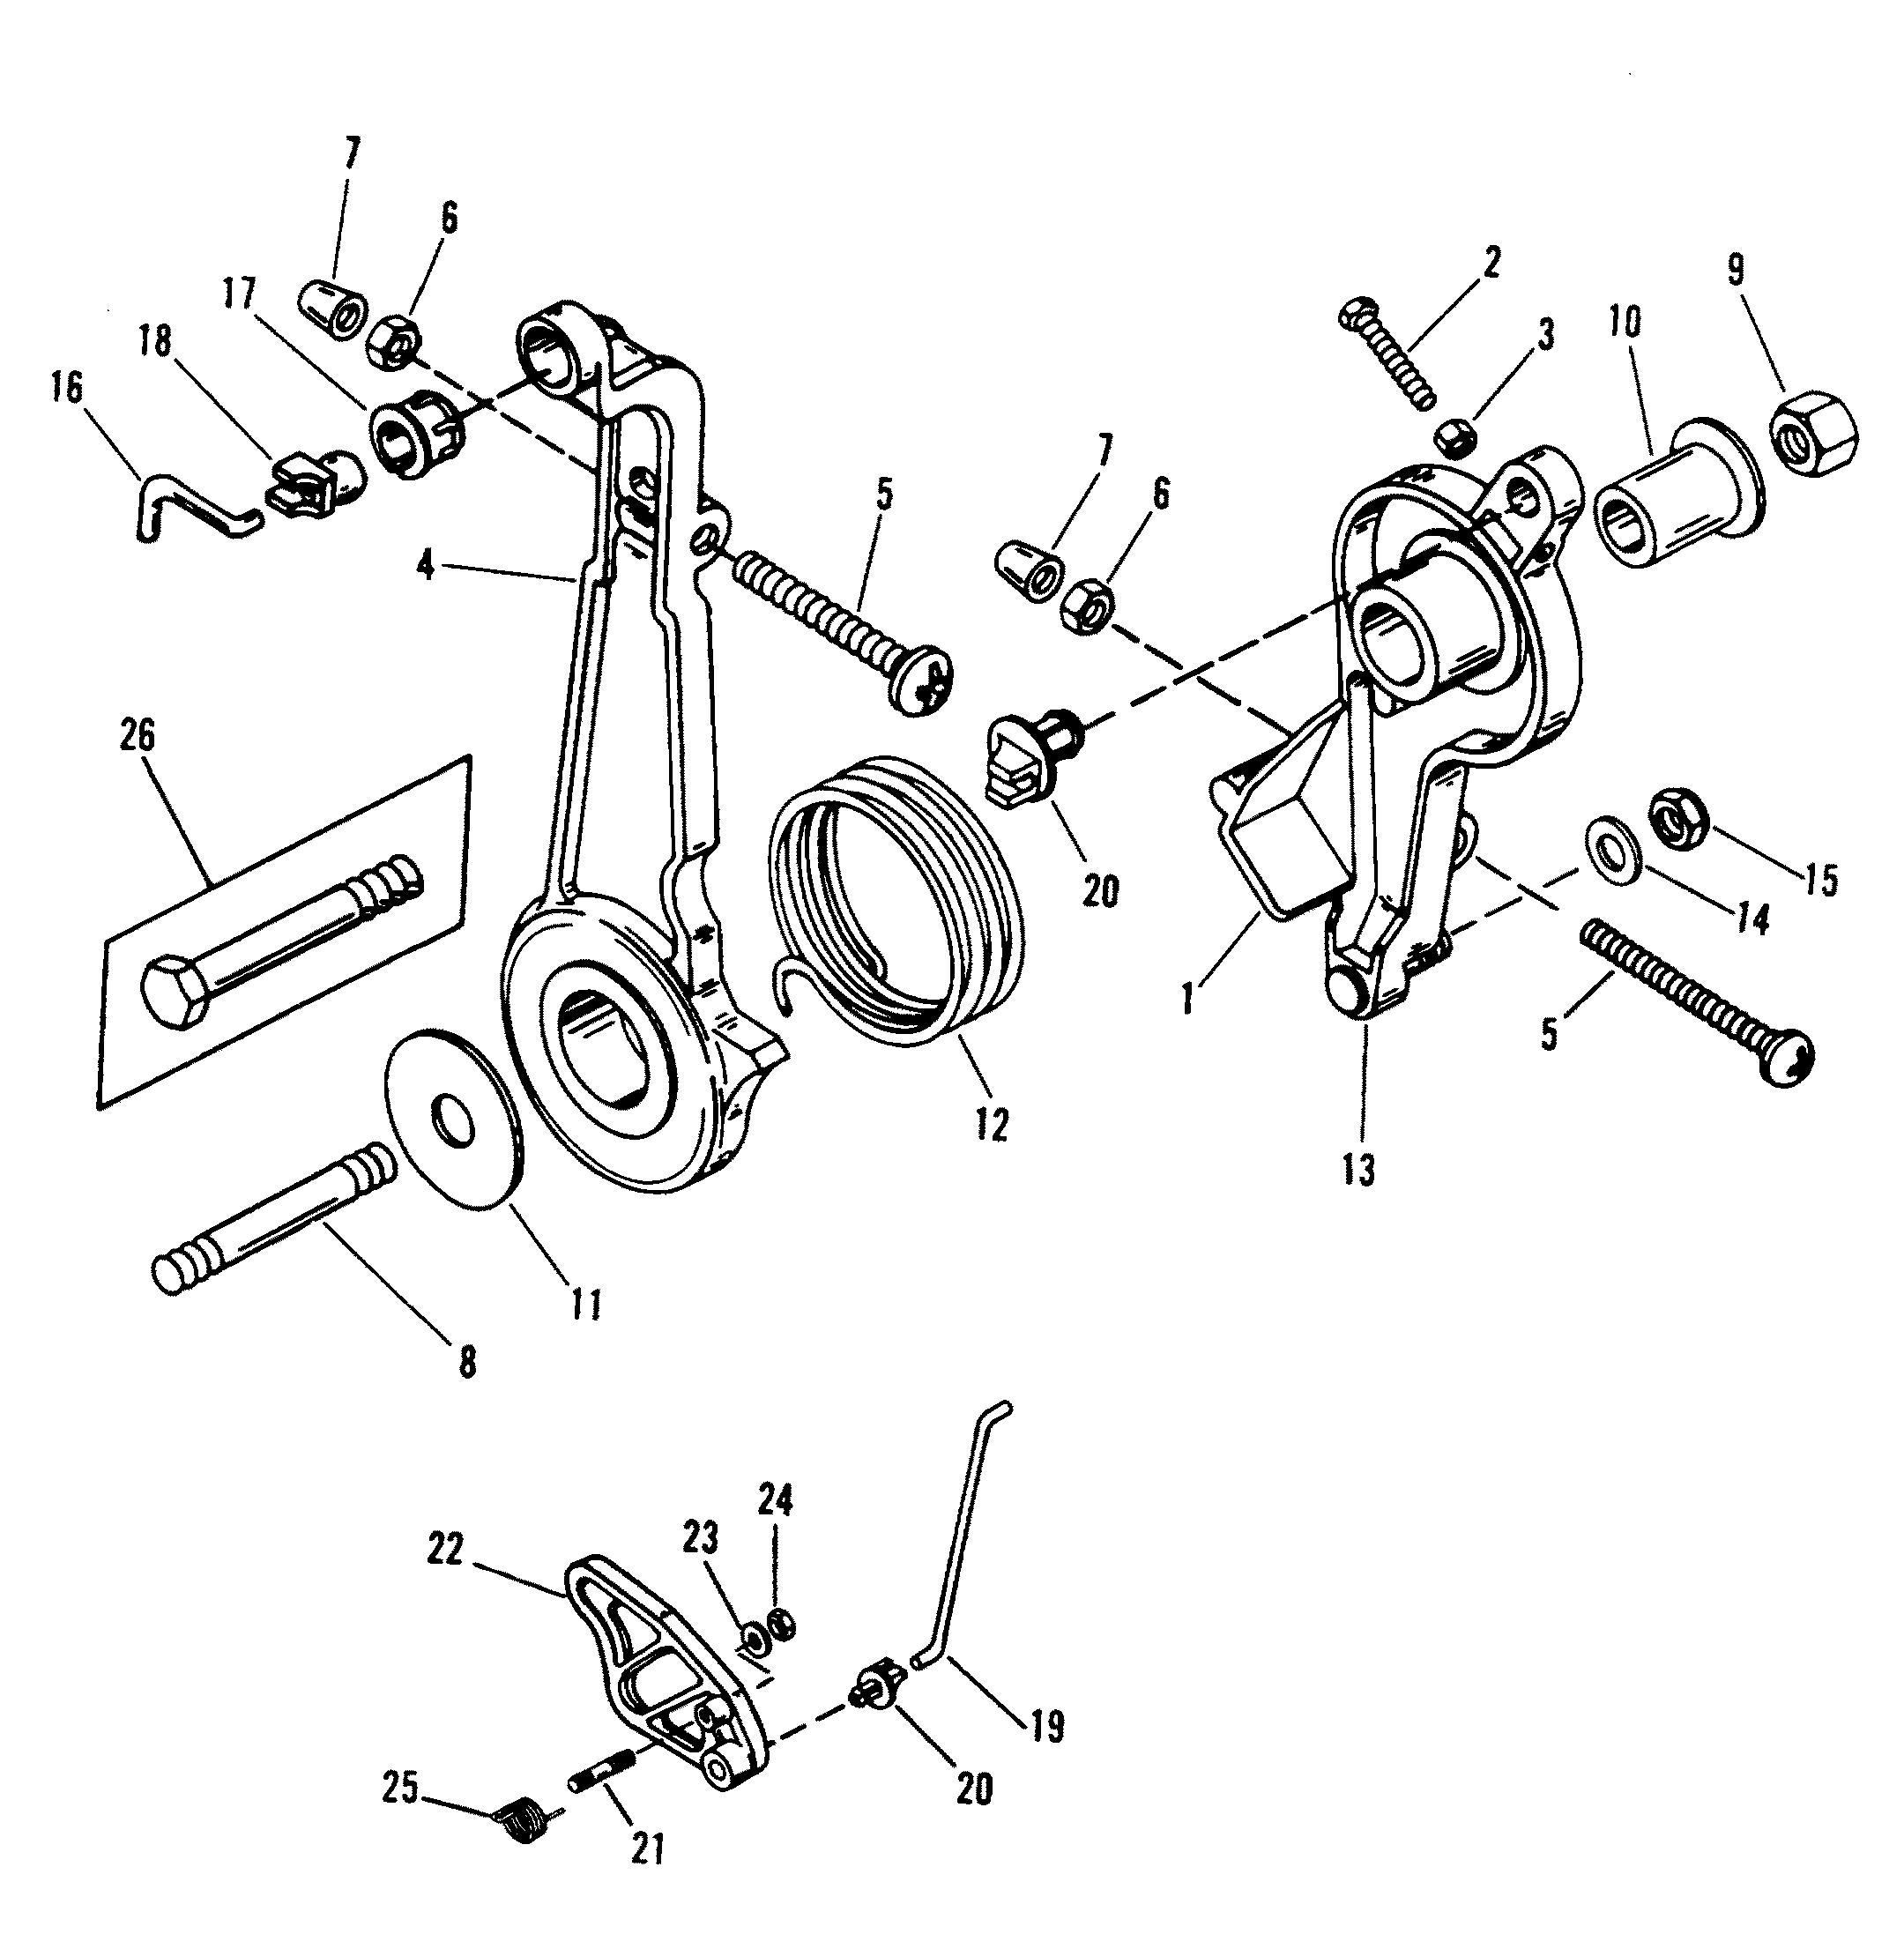 дроссельная заслонка лодочного мотора это